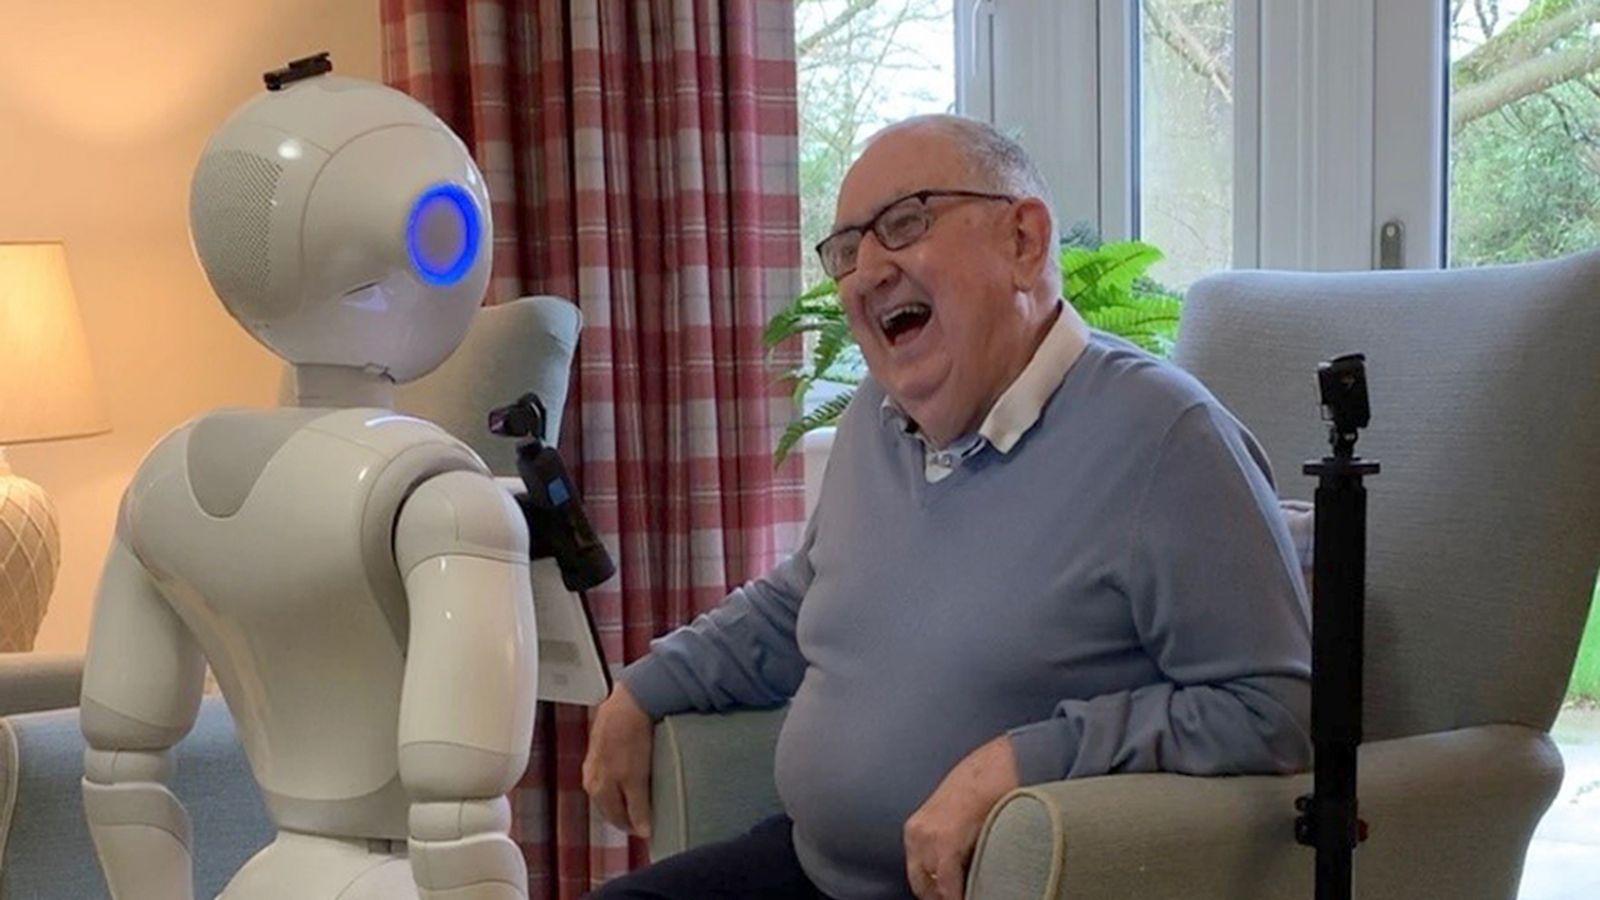 skynews-pepper-robot-care-home_5090092